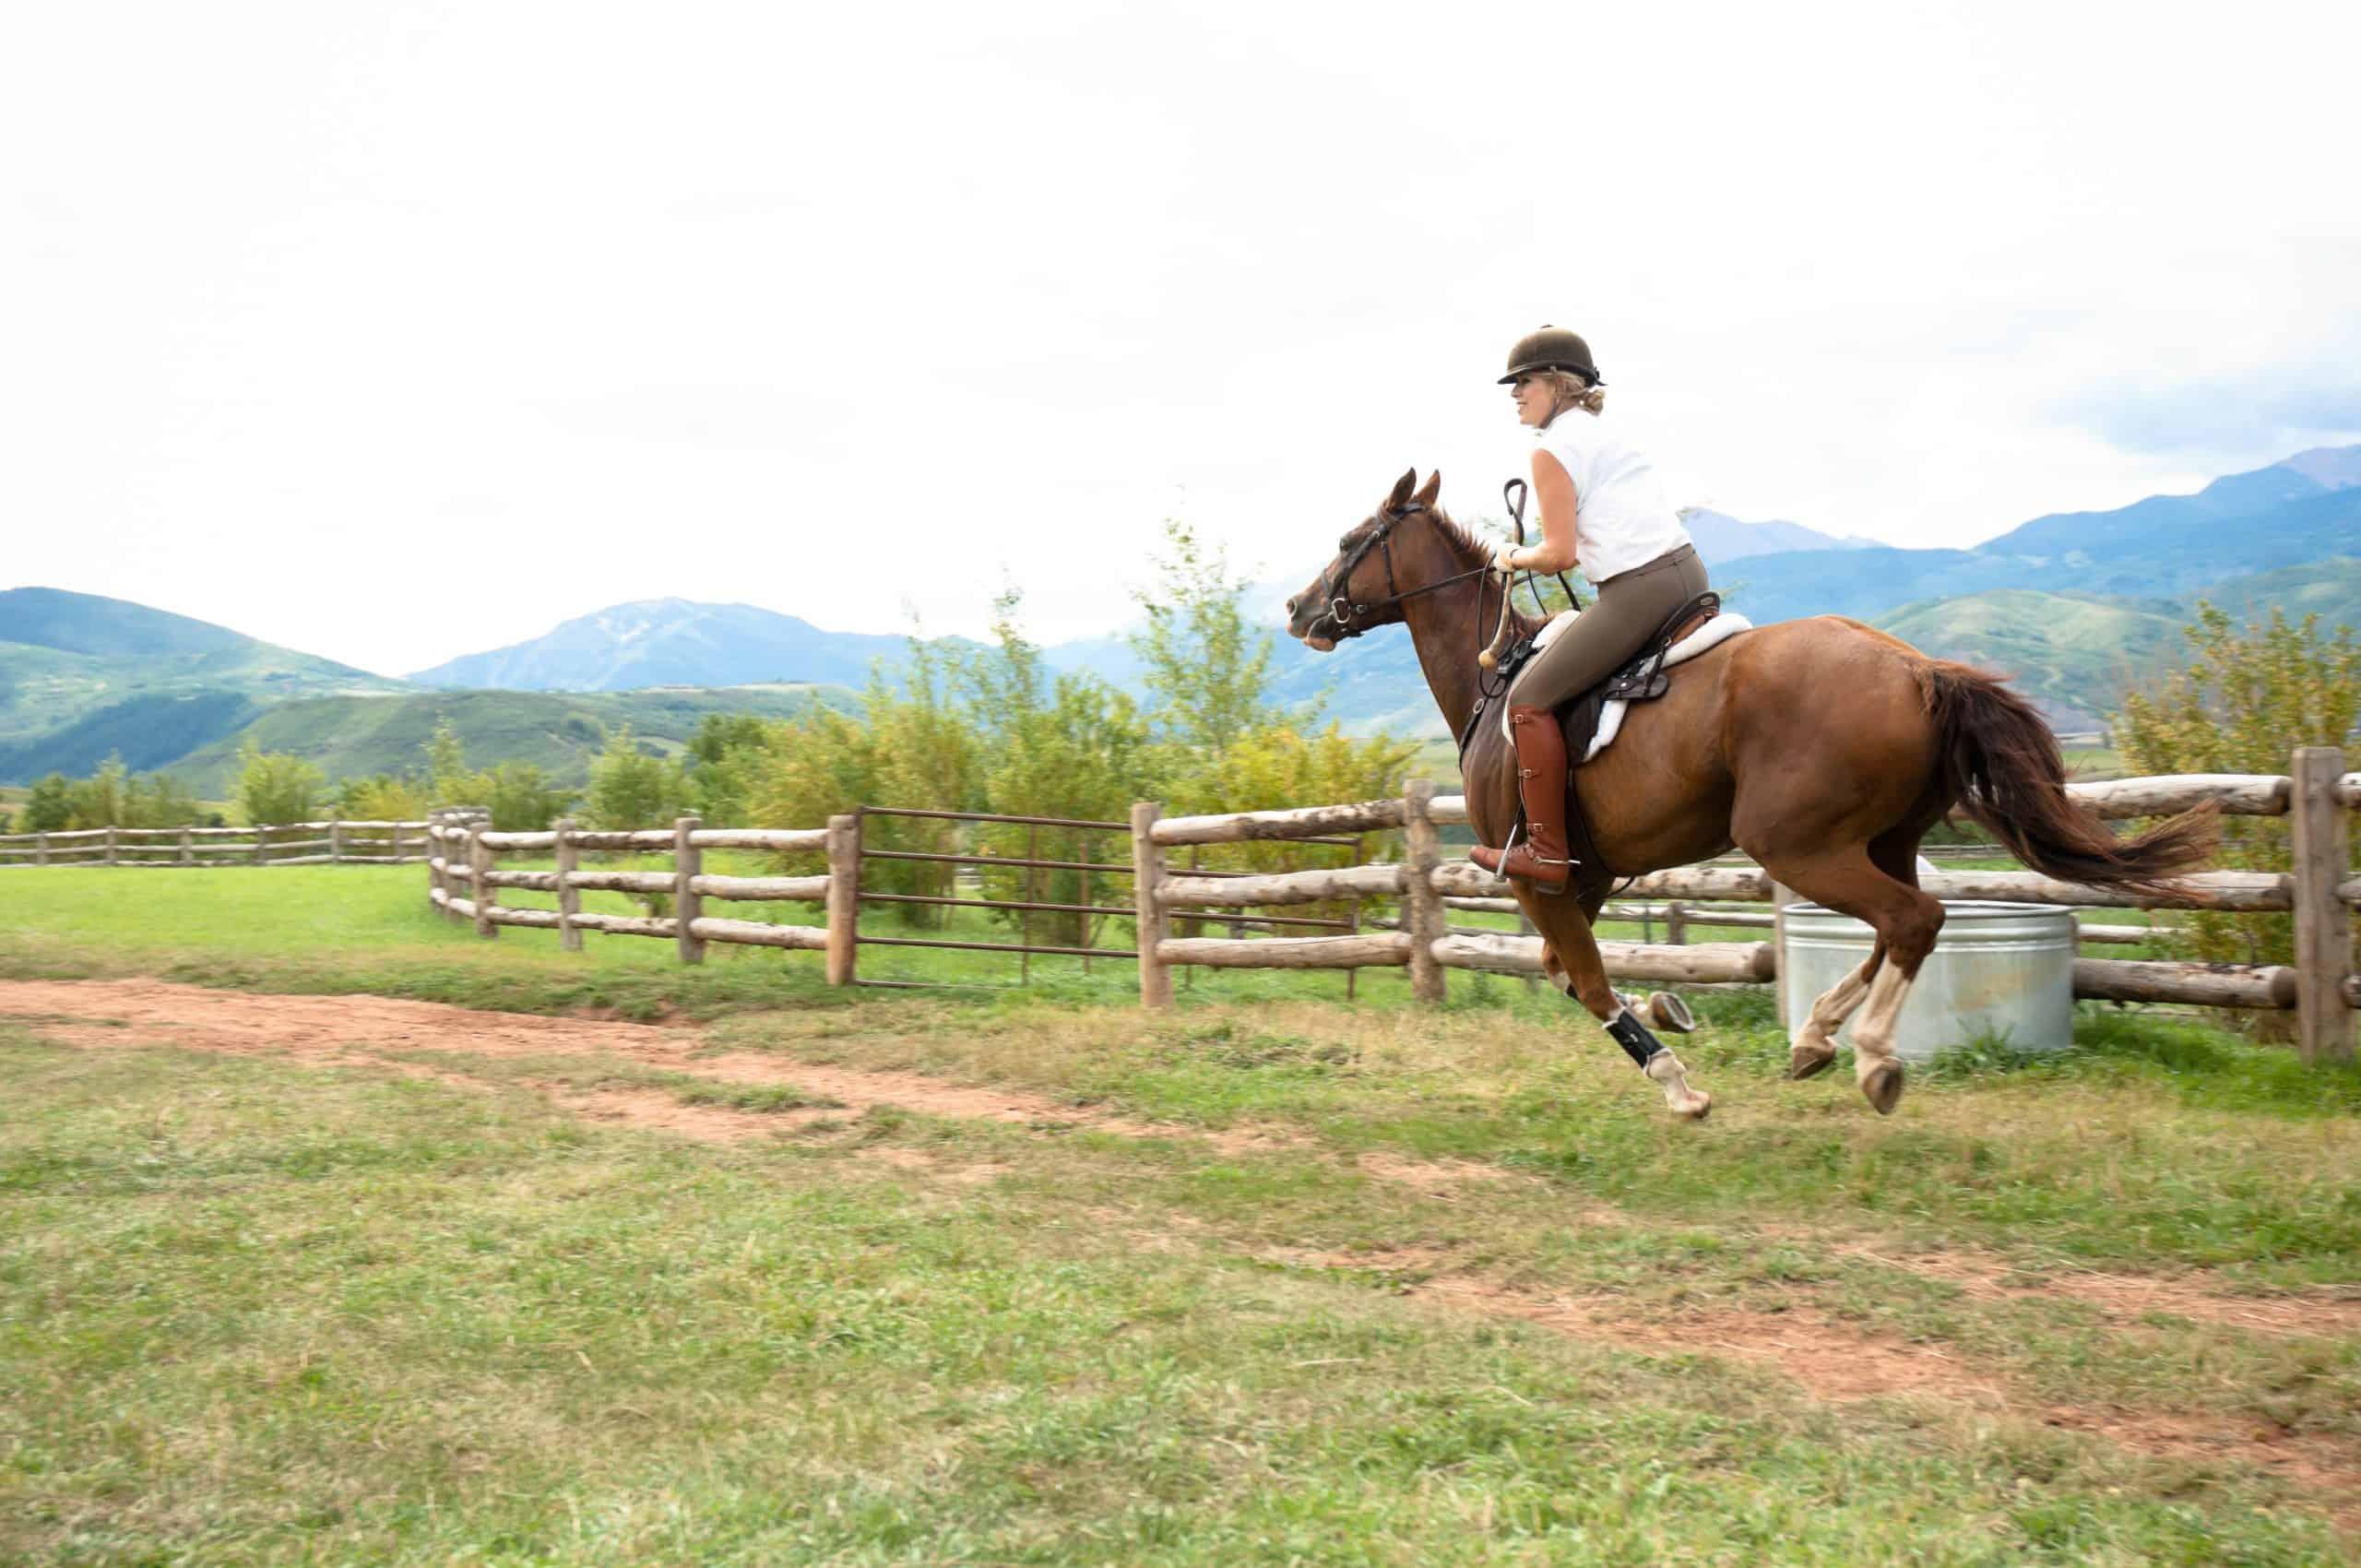 Horseback rider in a field